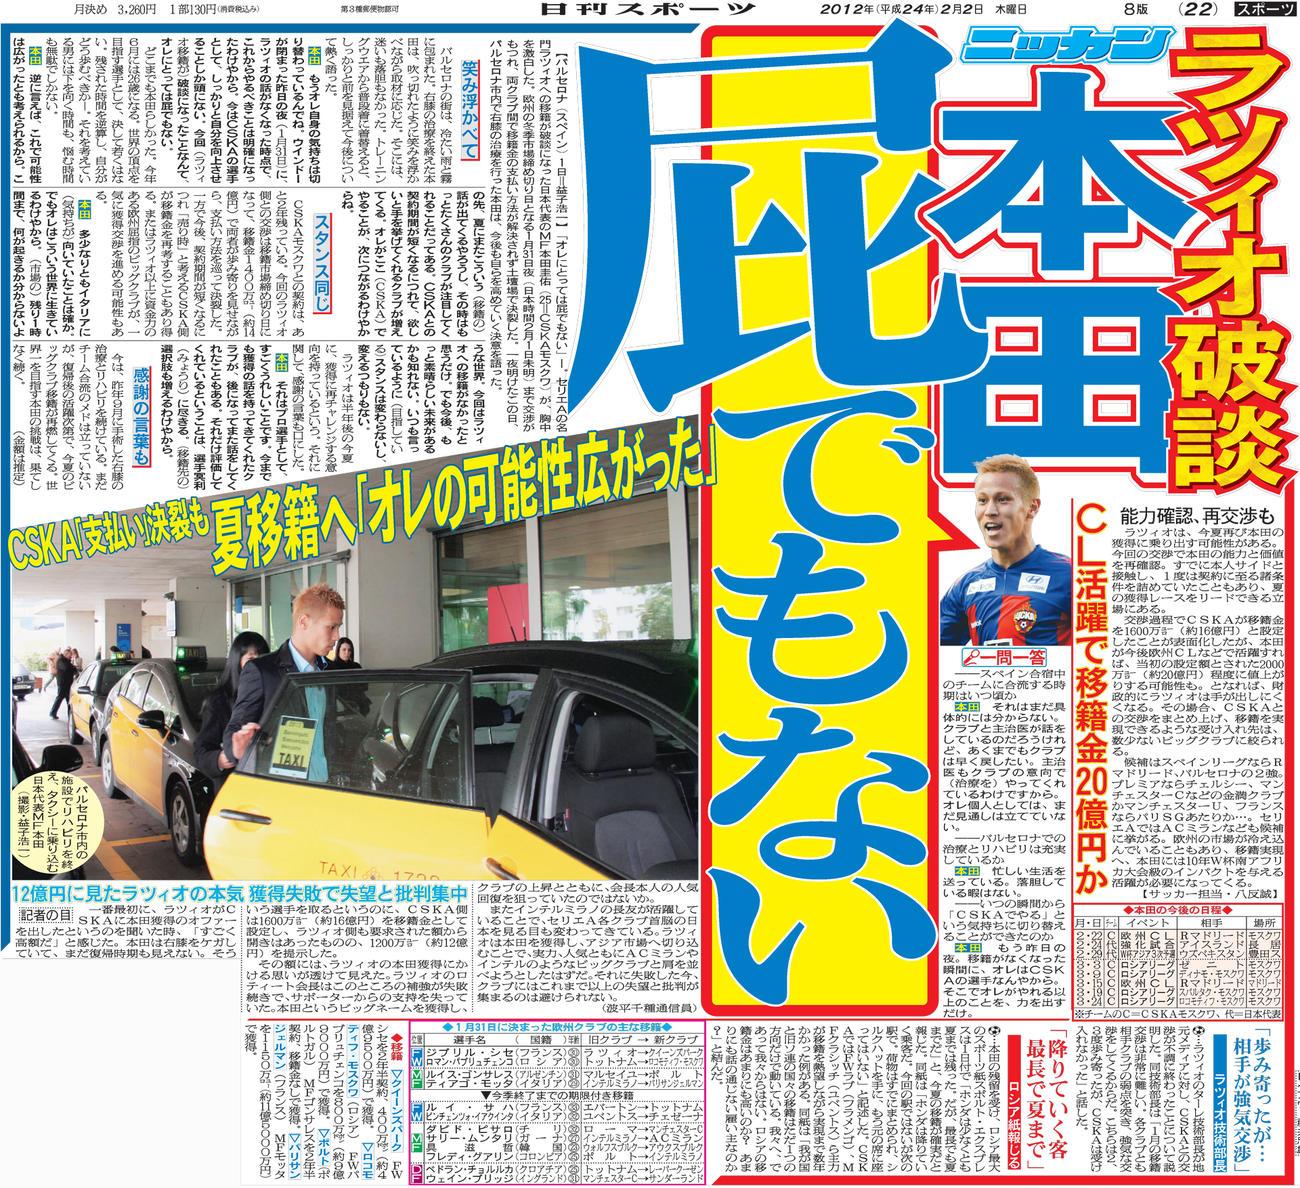 2012年2月2日付の日刊スポーツ東京版終面